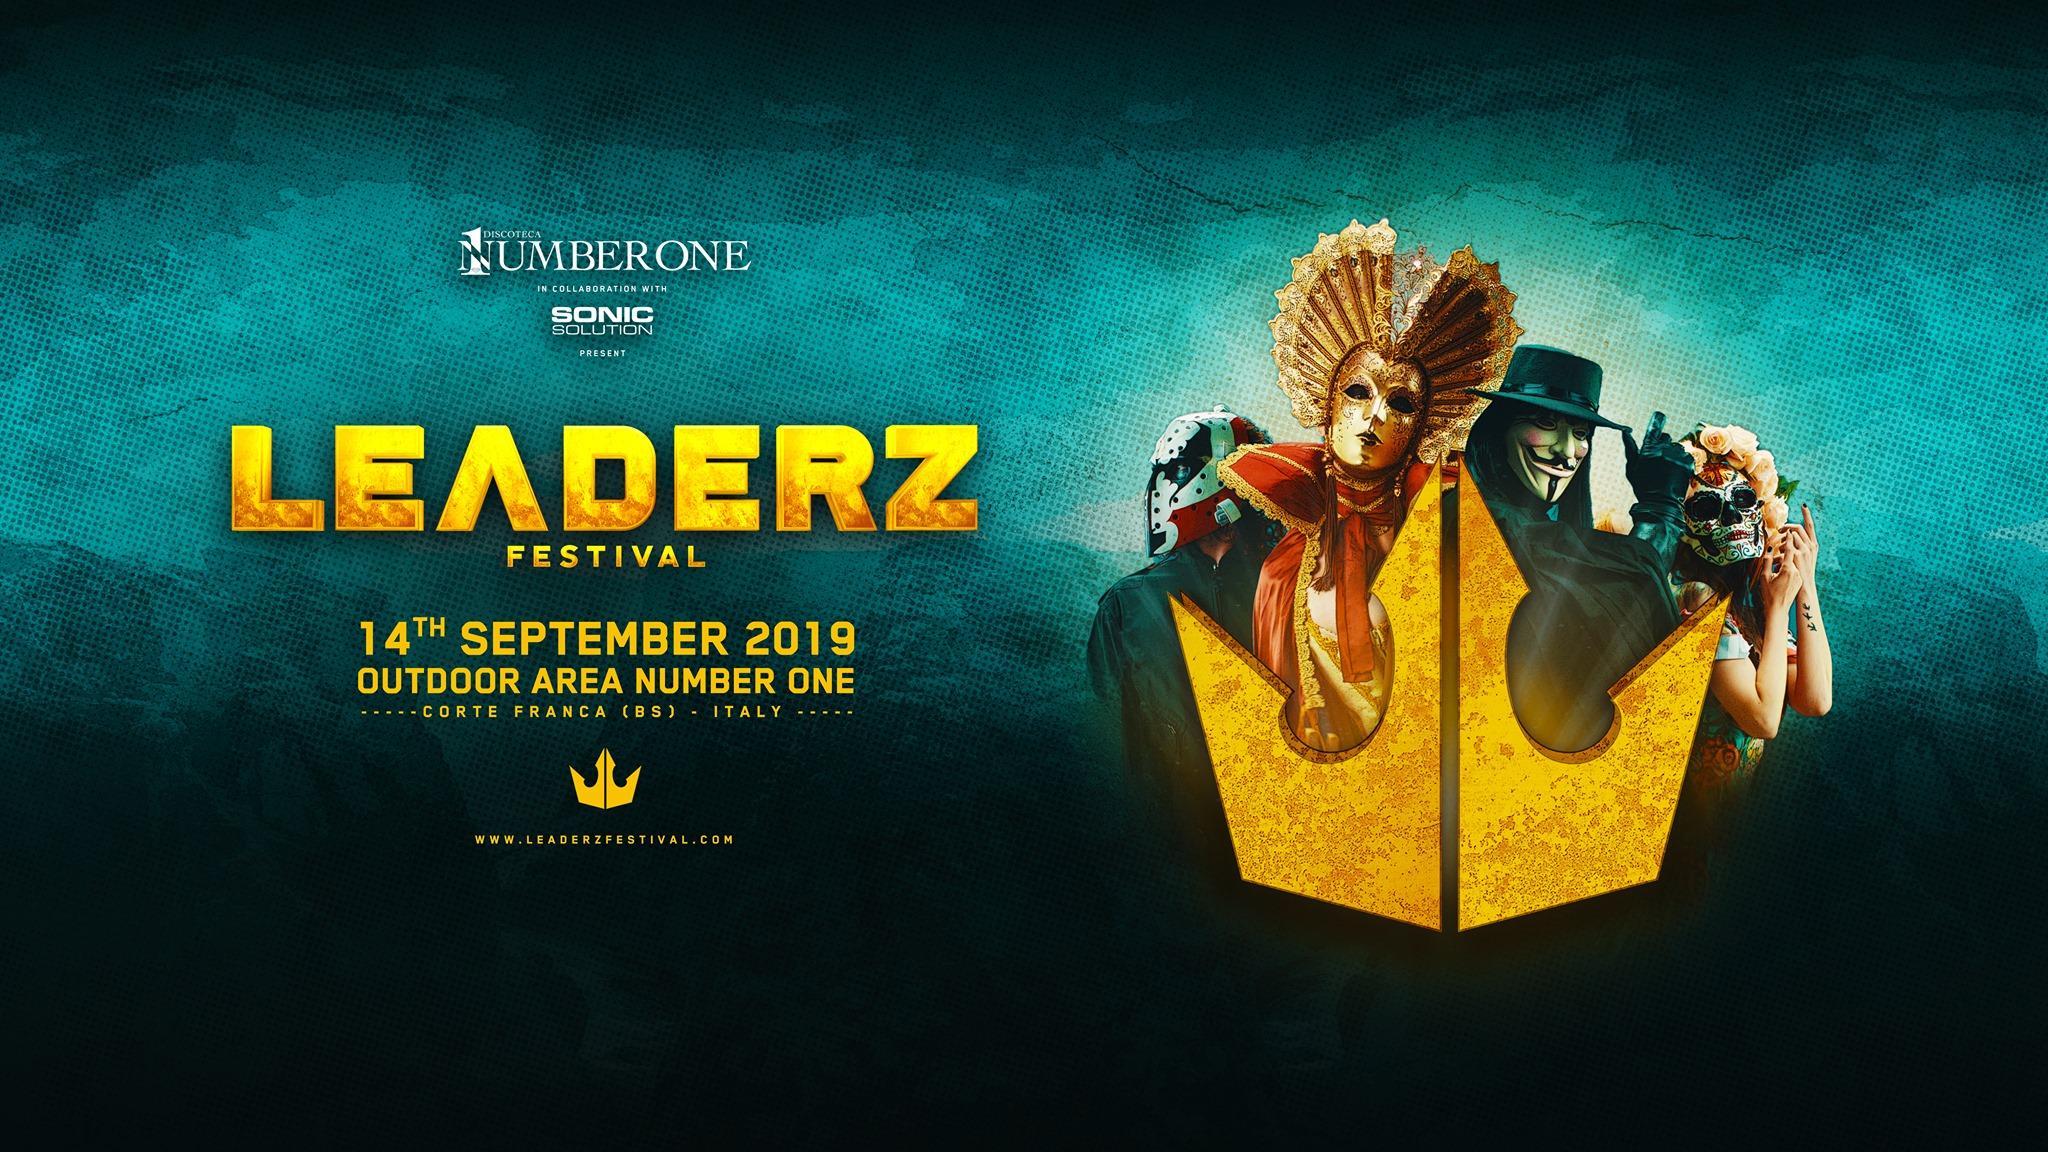 Leaderz Festival